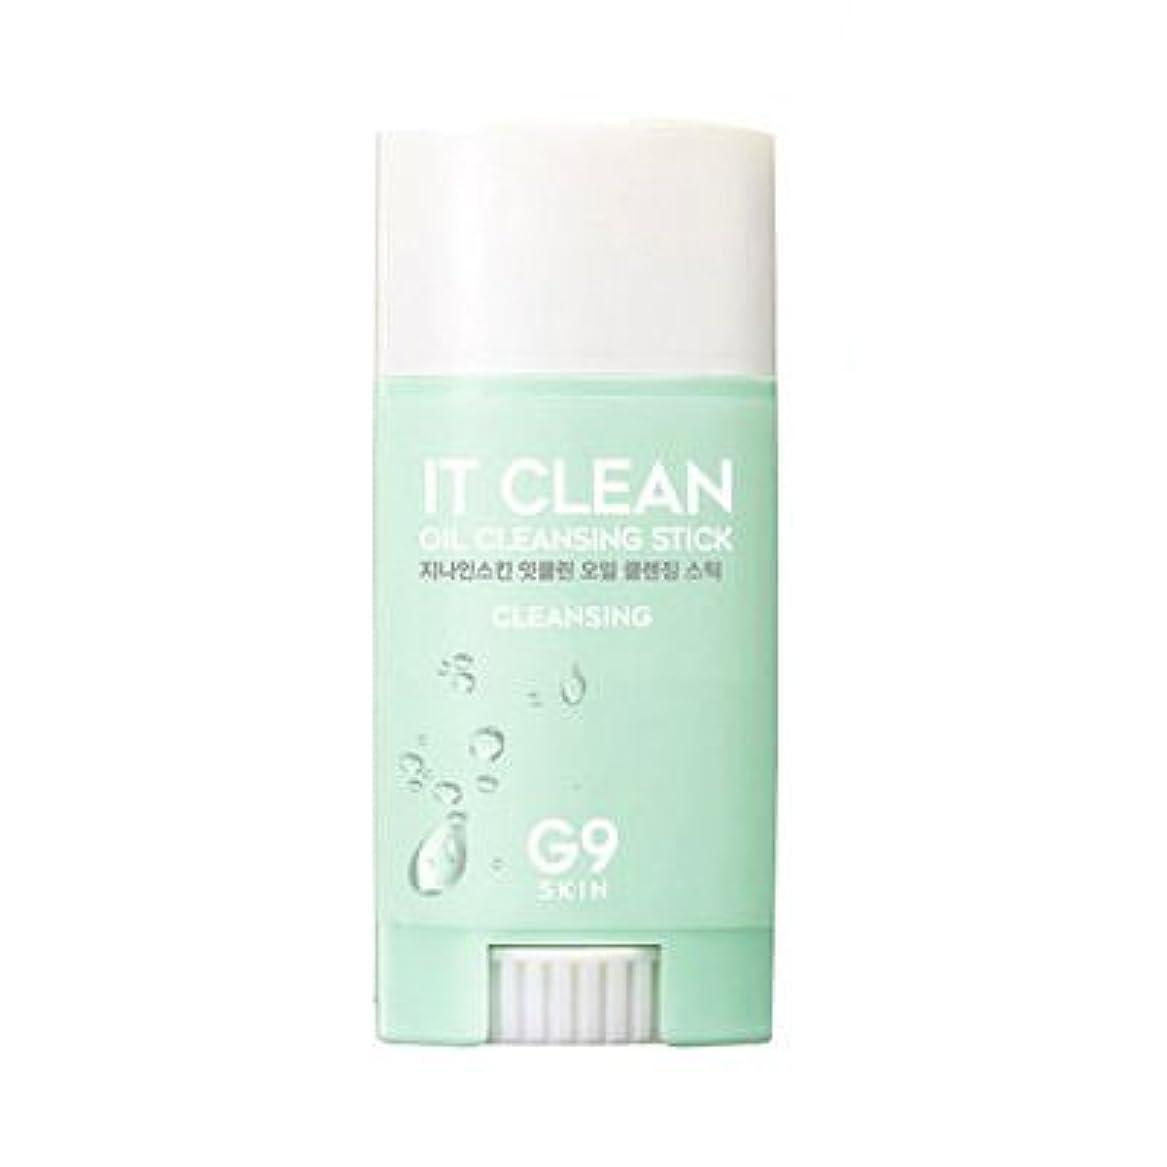 柔らかさ企業ボトルG9SKIN(ベリサム) It Clean Oil Cleansing Stick イットクリーンオイルクレンジングスティック